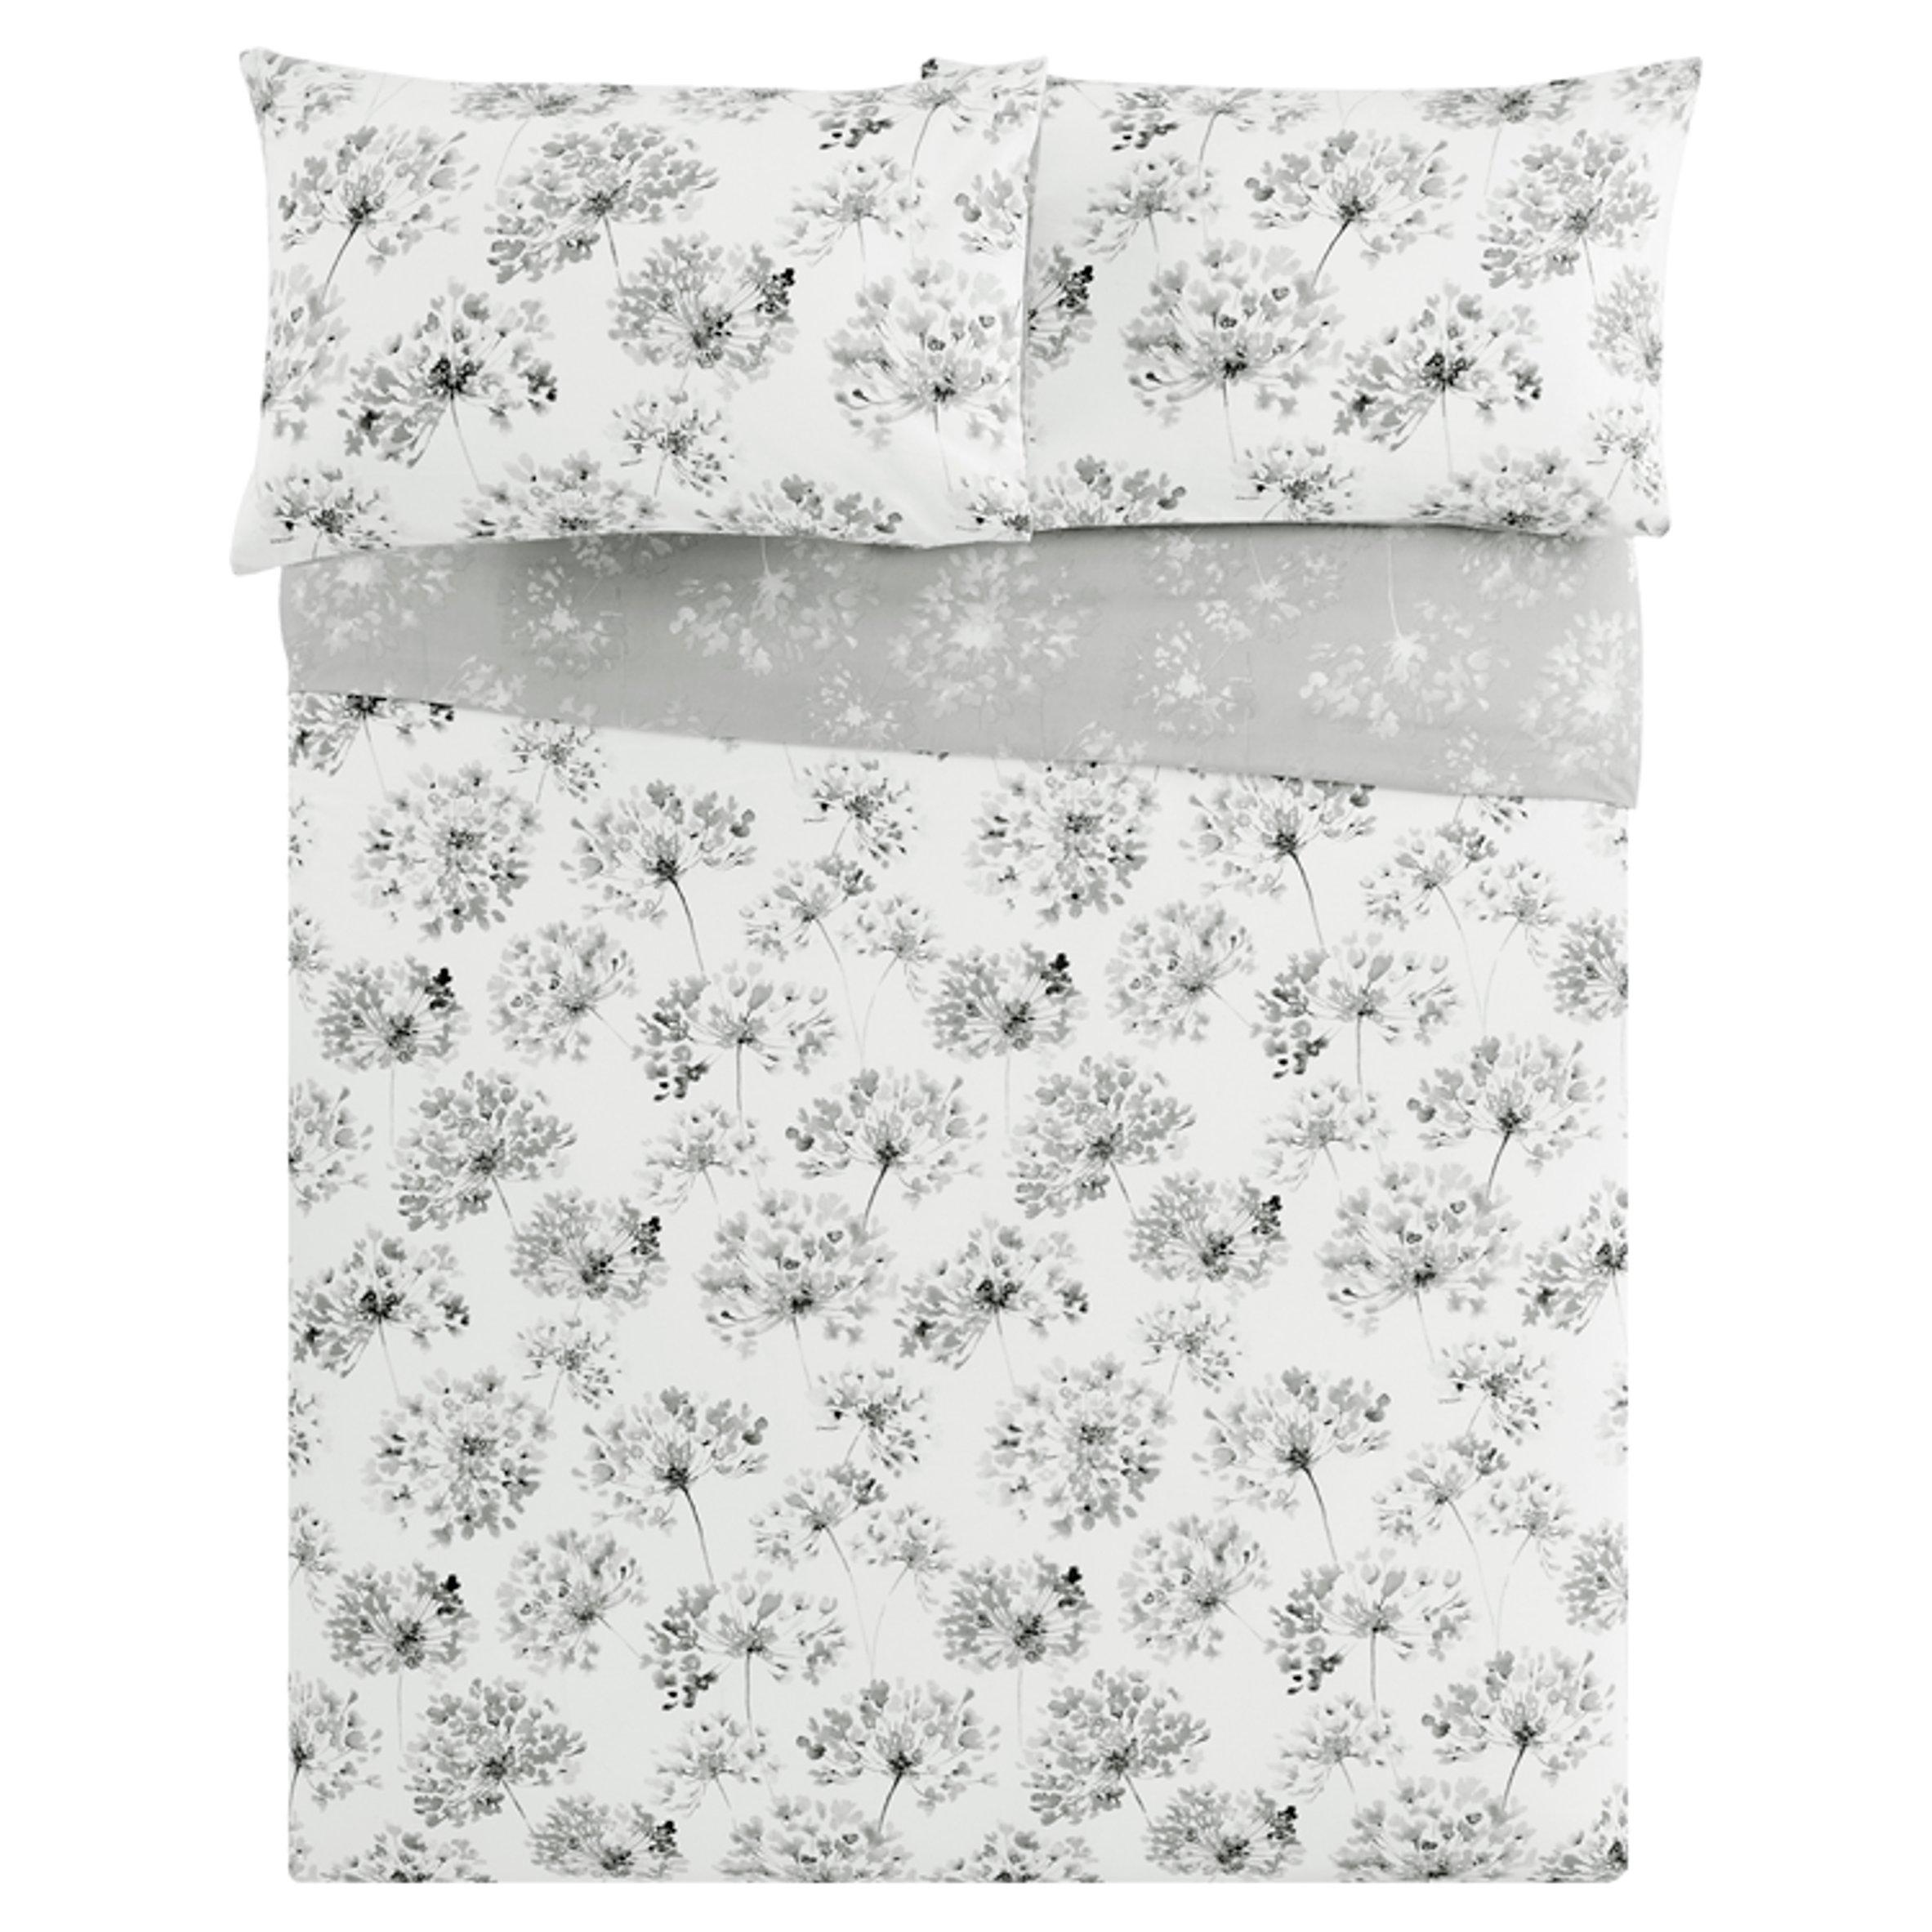 Tesco 2 Standard Pillowcases Black